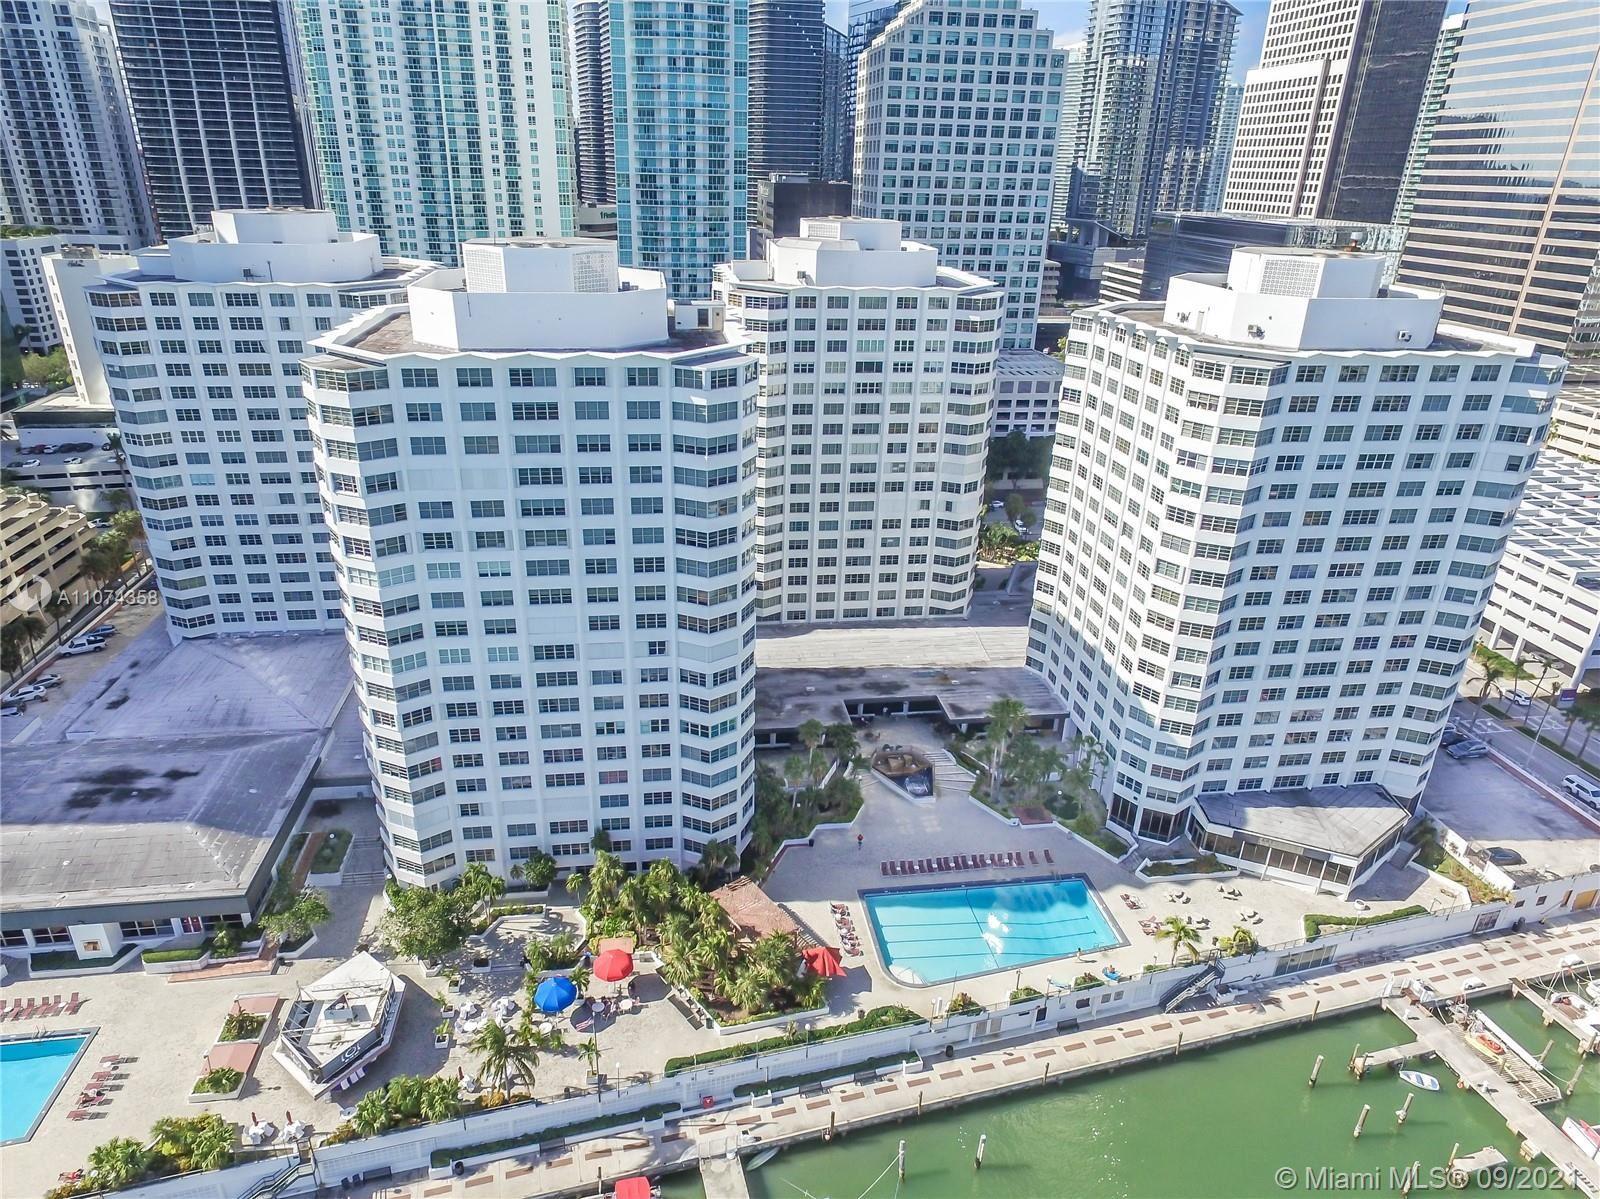 825 Brickell Bay Dr #747, Miami, FL 33131 - #: A11074358